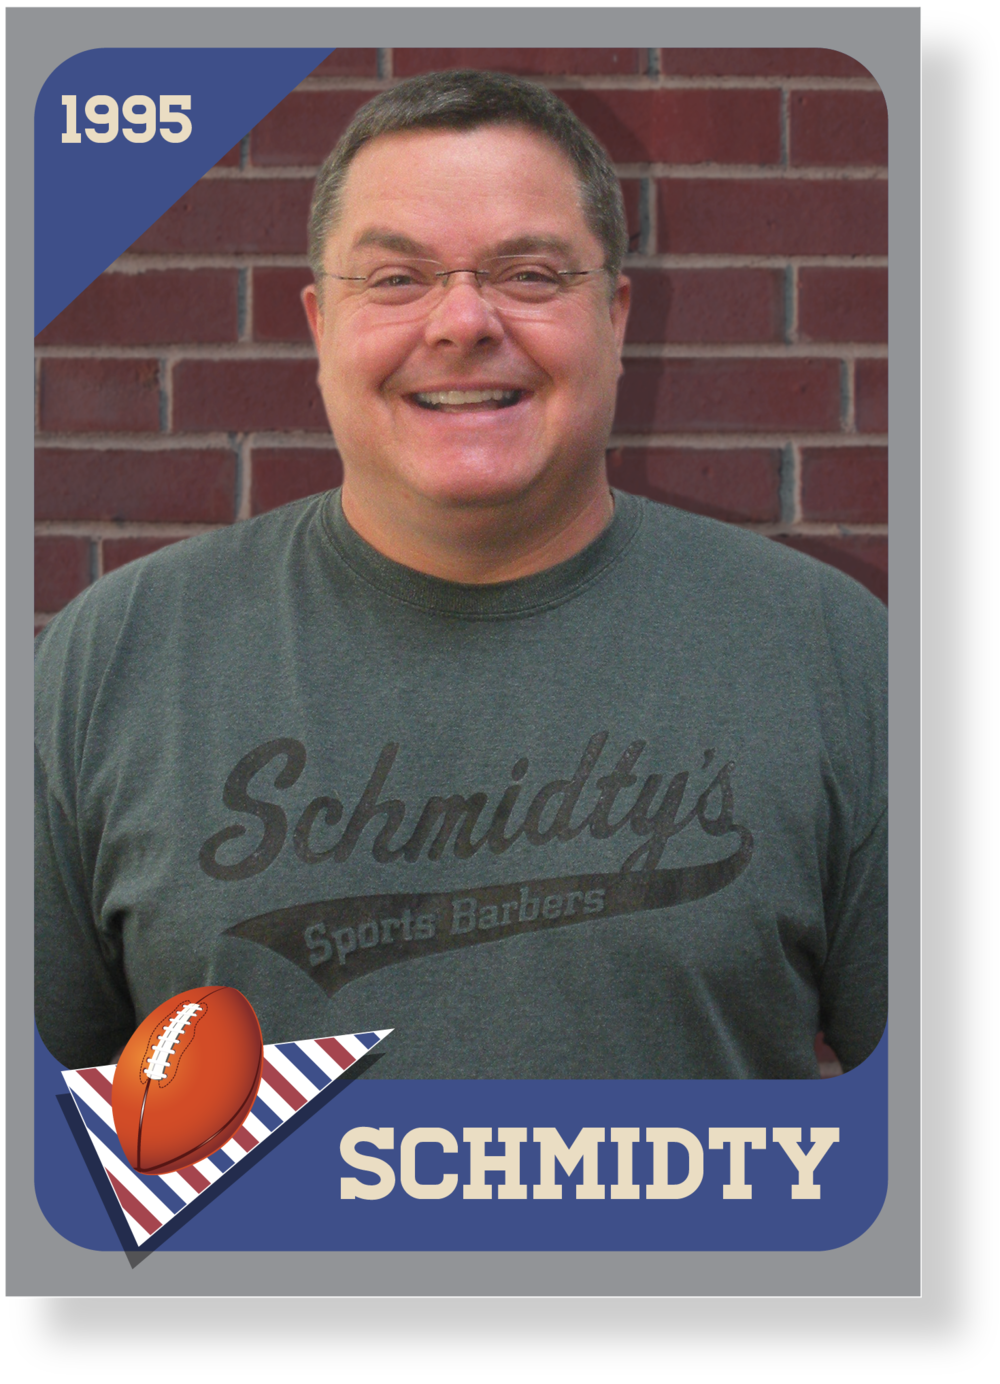 Schmidty-01.png